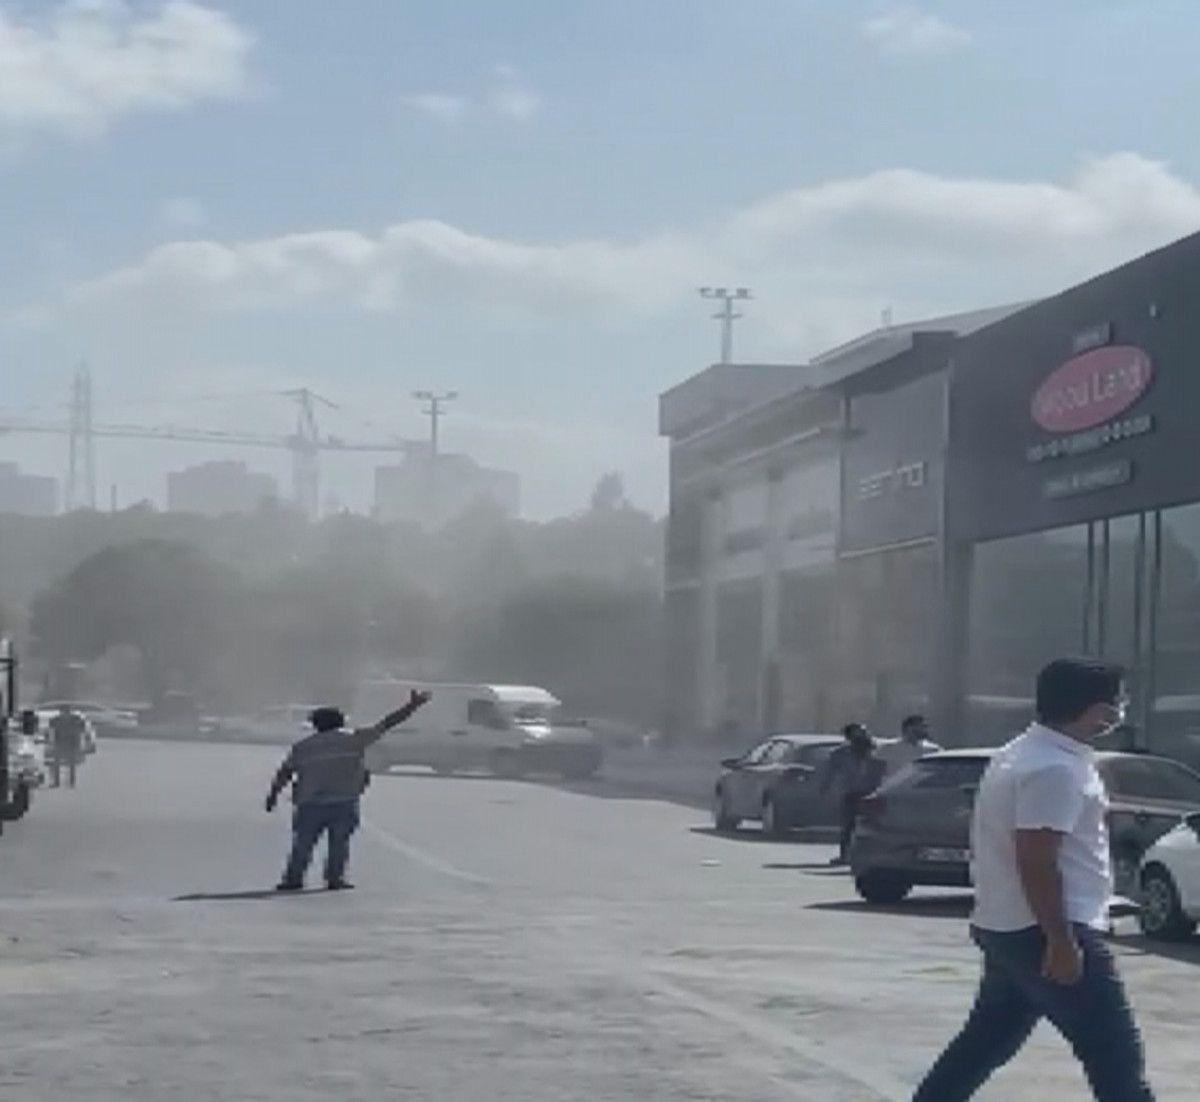 İstanbul İkitelli deki sanayi sitesinde bina çöktü #3